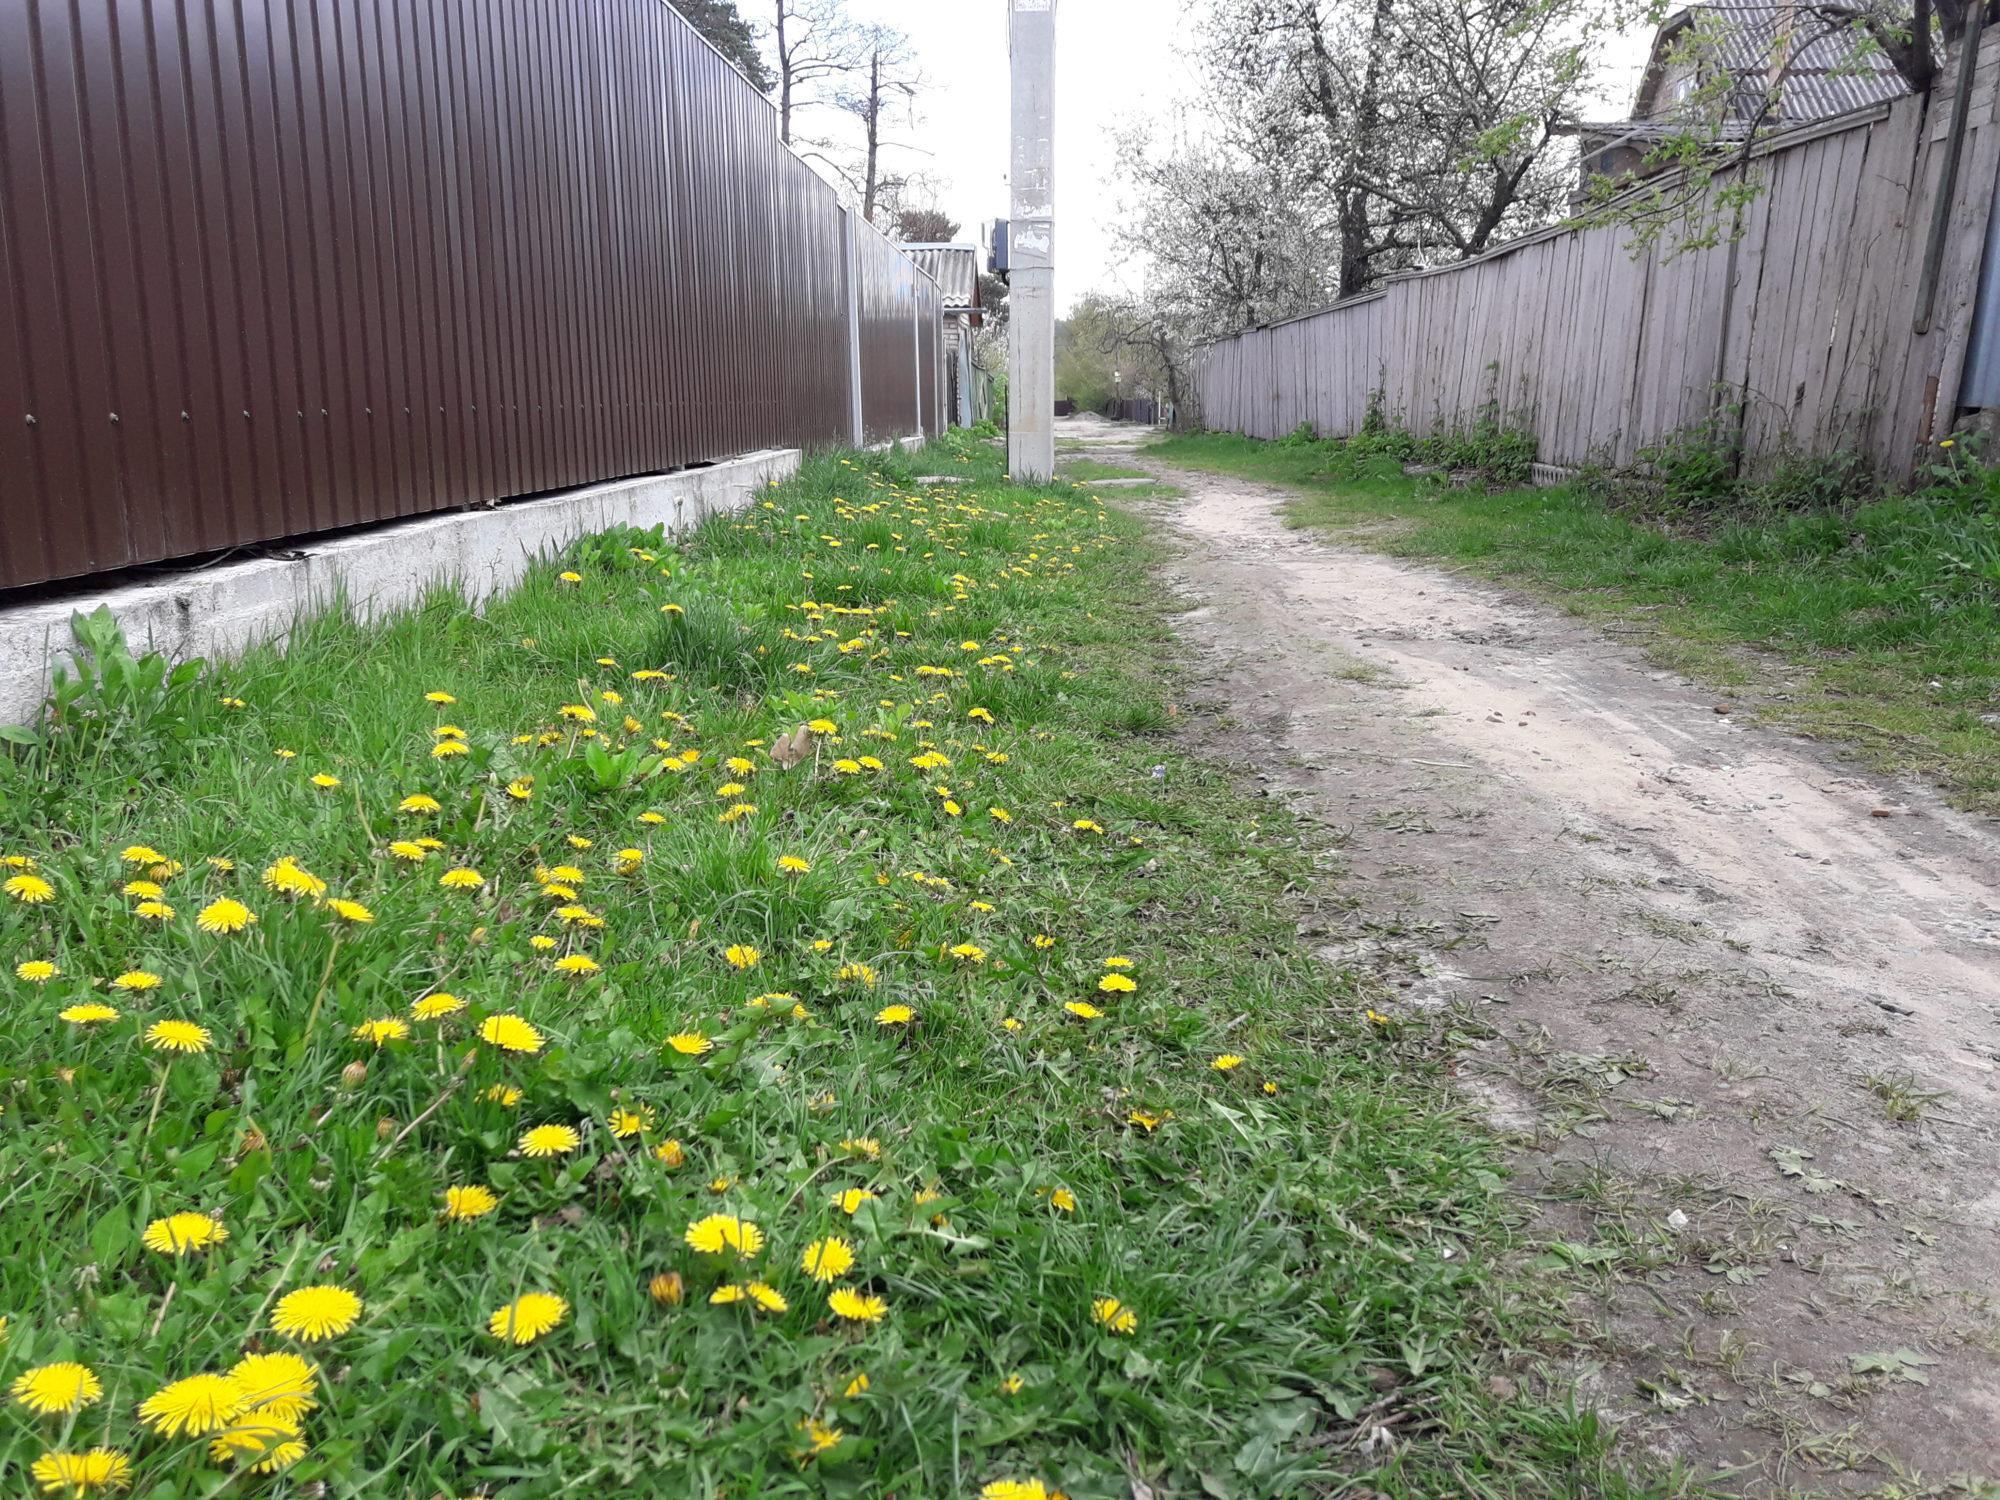 Ірпінь квітне: у місті настає пік цвітіння дерев та кущів (ФОТО) -  - 20200427 135616 2000x1500